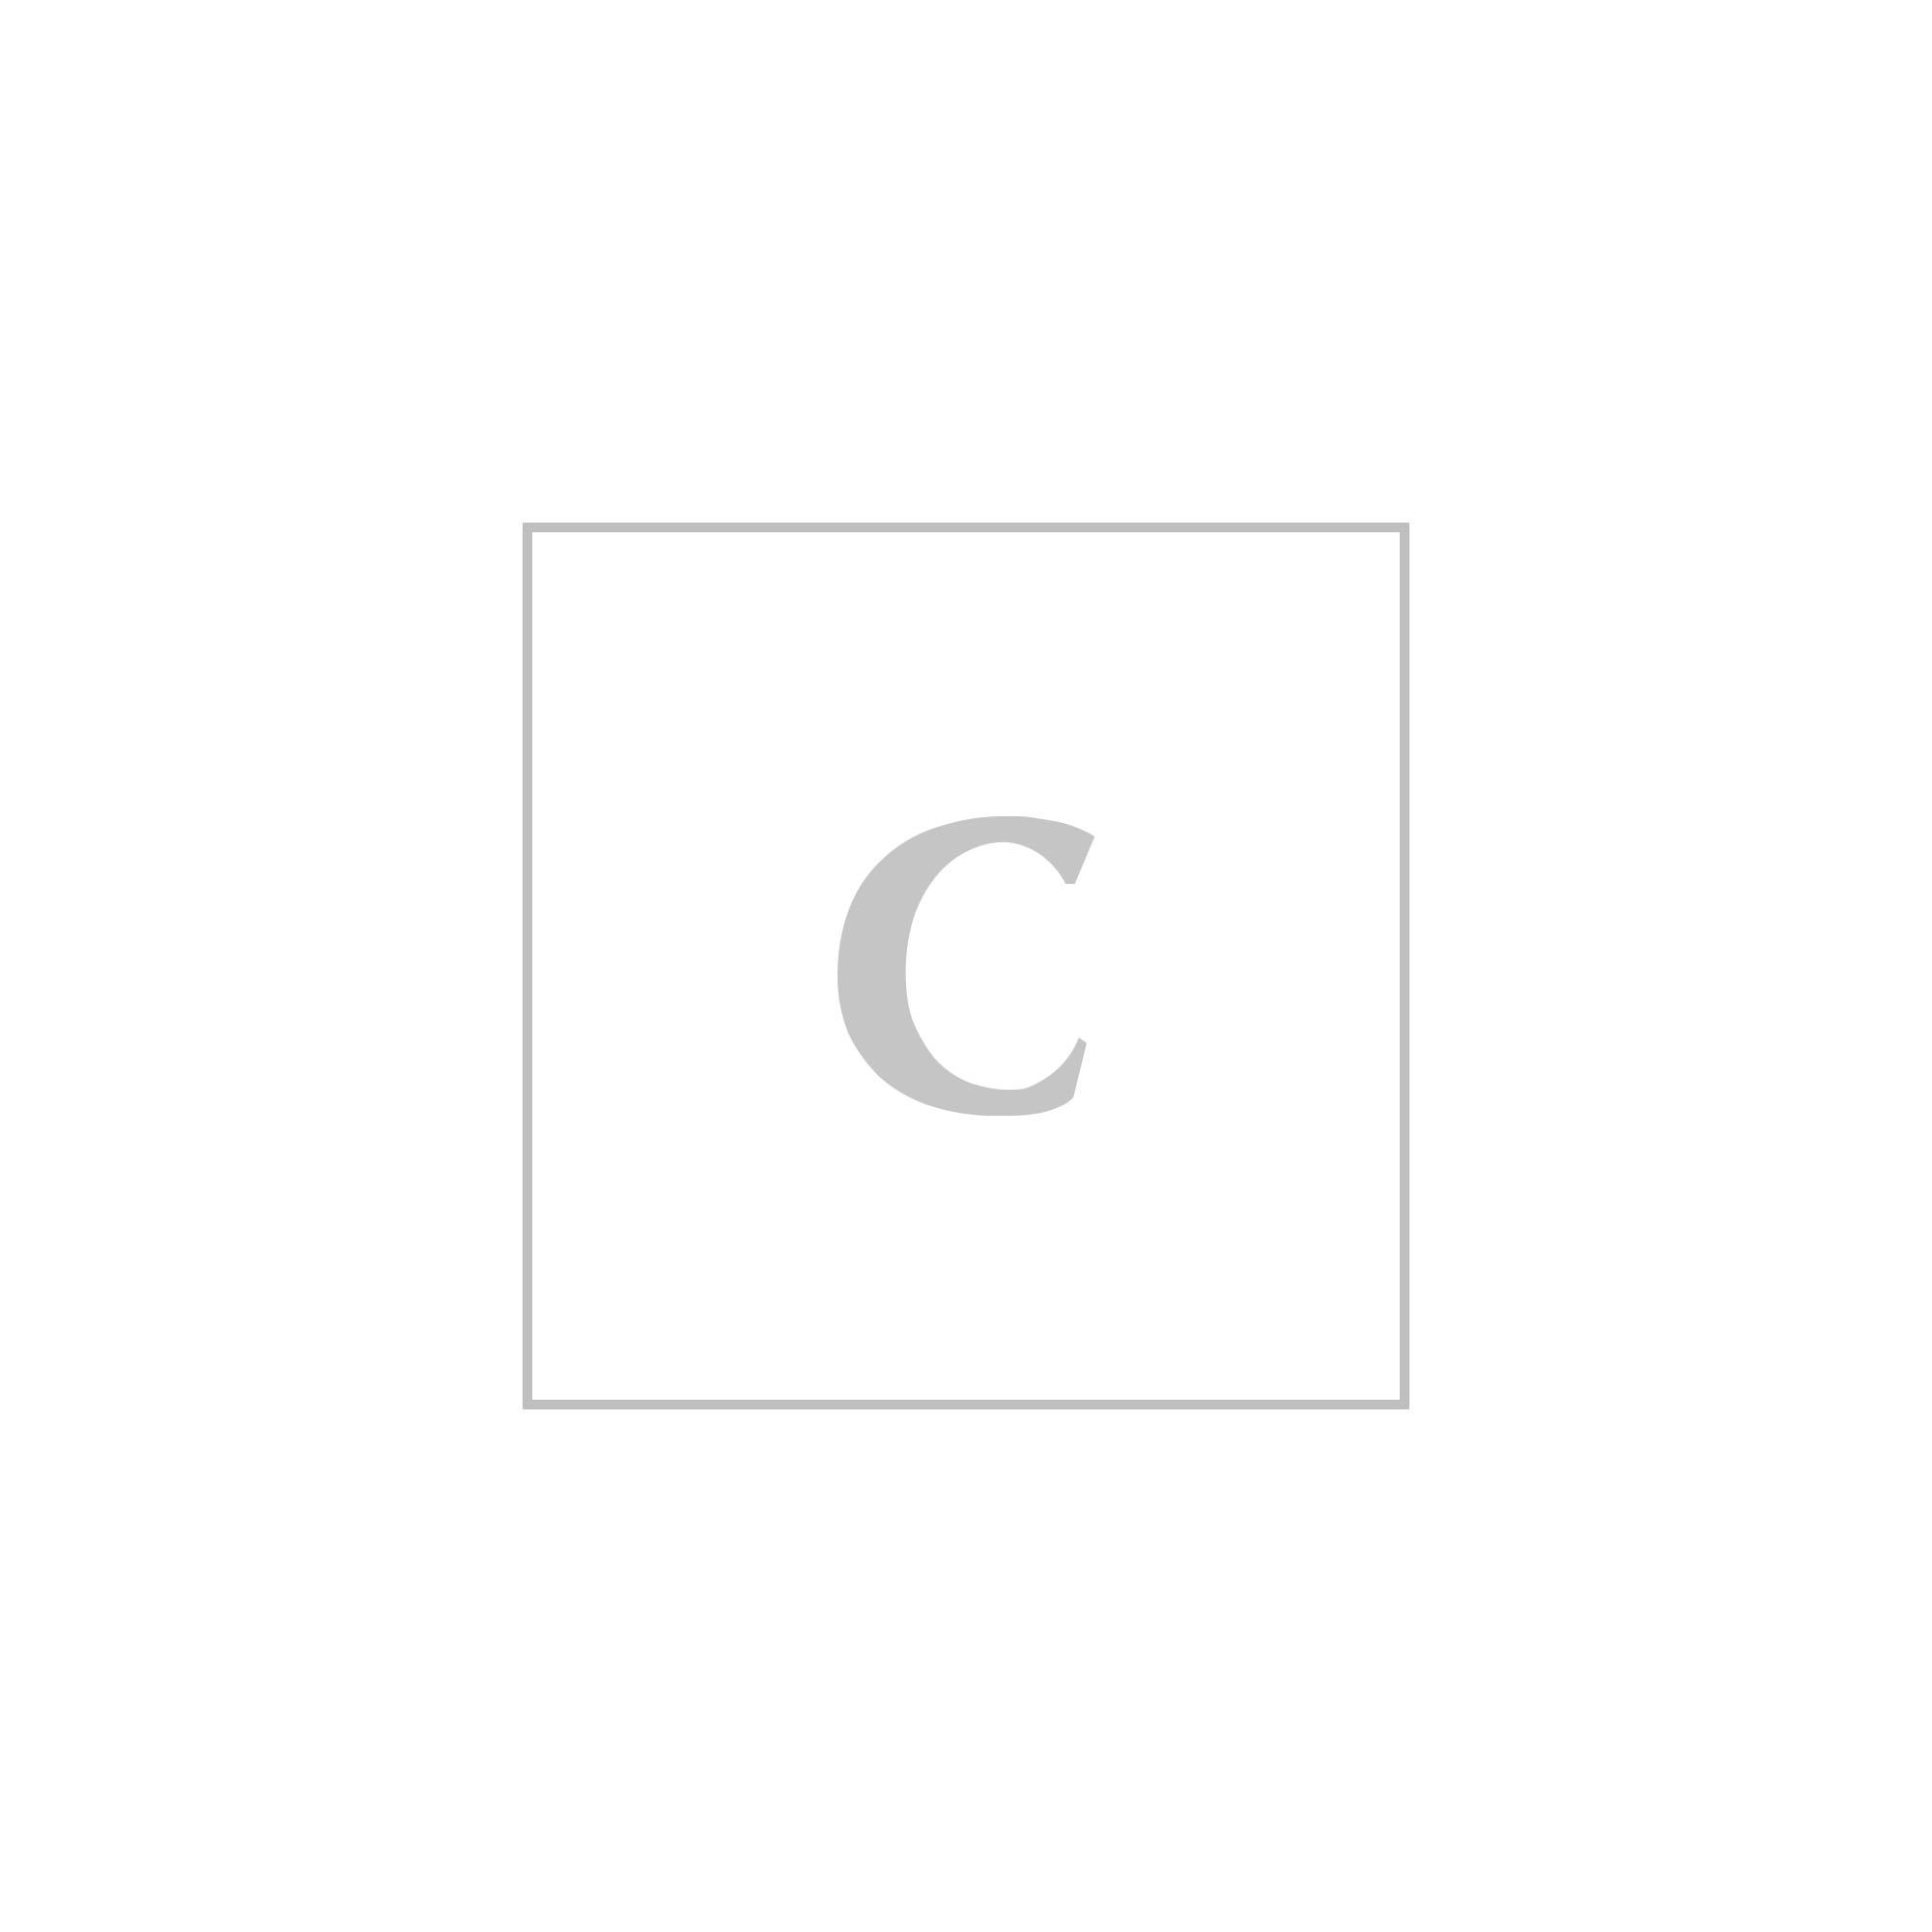 Bottega veneta unisex tricolor cuff